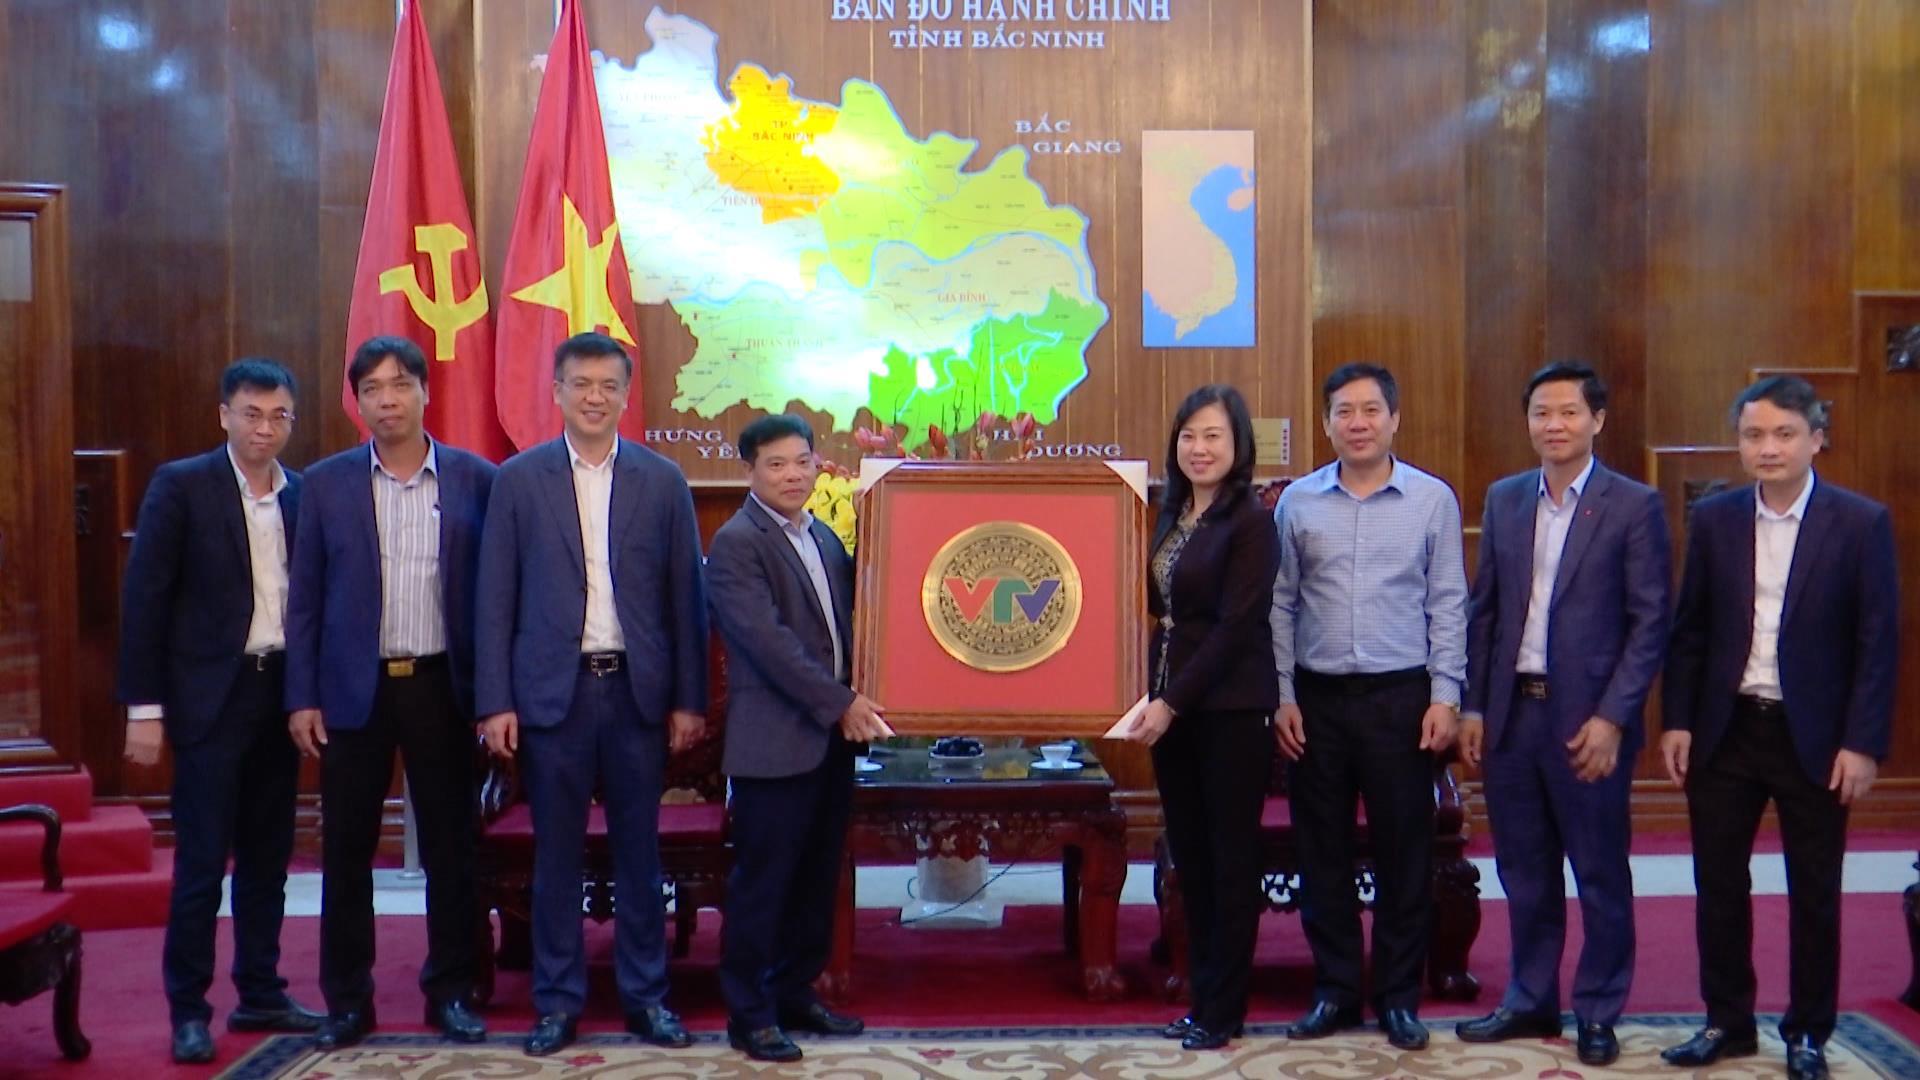 Bí thư Tỉnh ủy Đào Hồng Lan tiếp đoàn công tác Đài Truyền hình Việt Nam